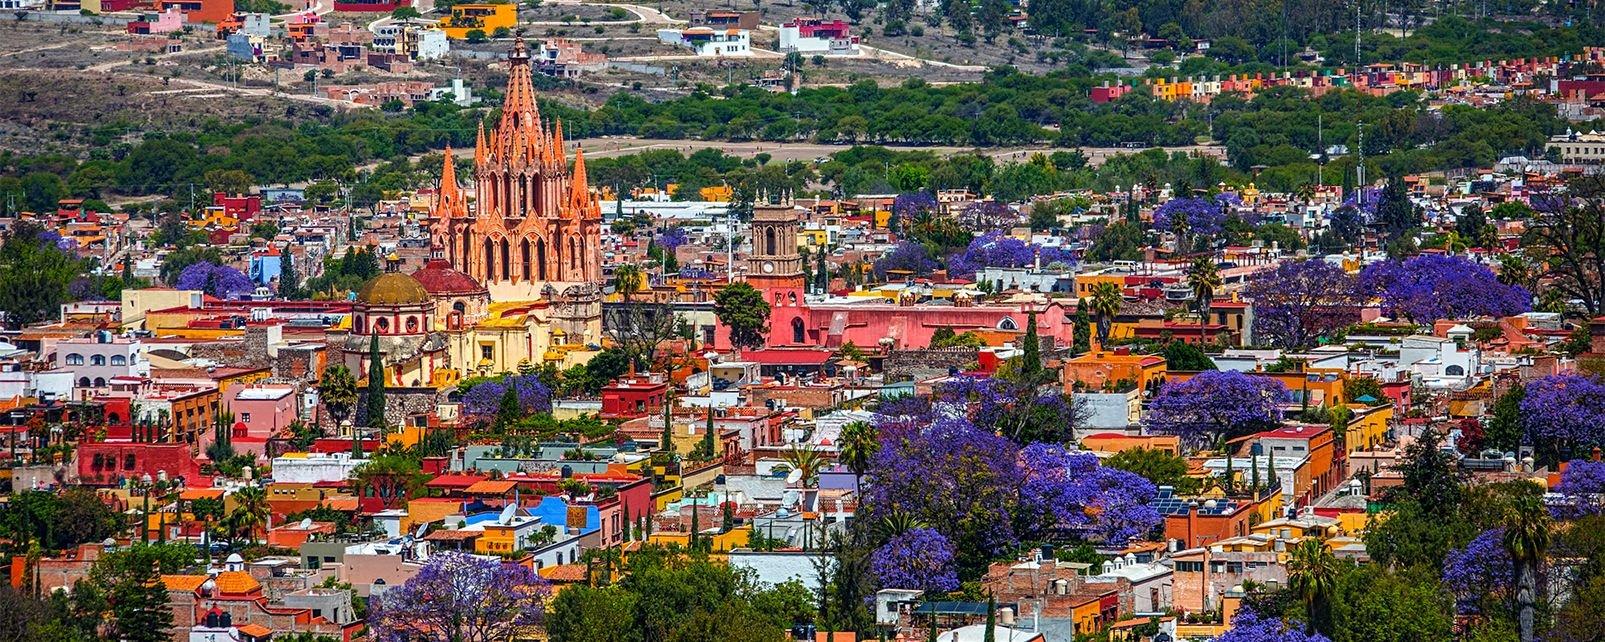 Le centre baroque de san miguel de allende mexique continental mexique - Location de vacances san miguel mexique ...